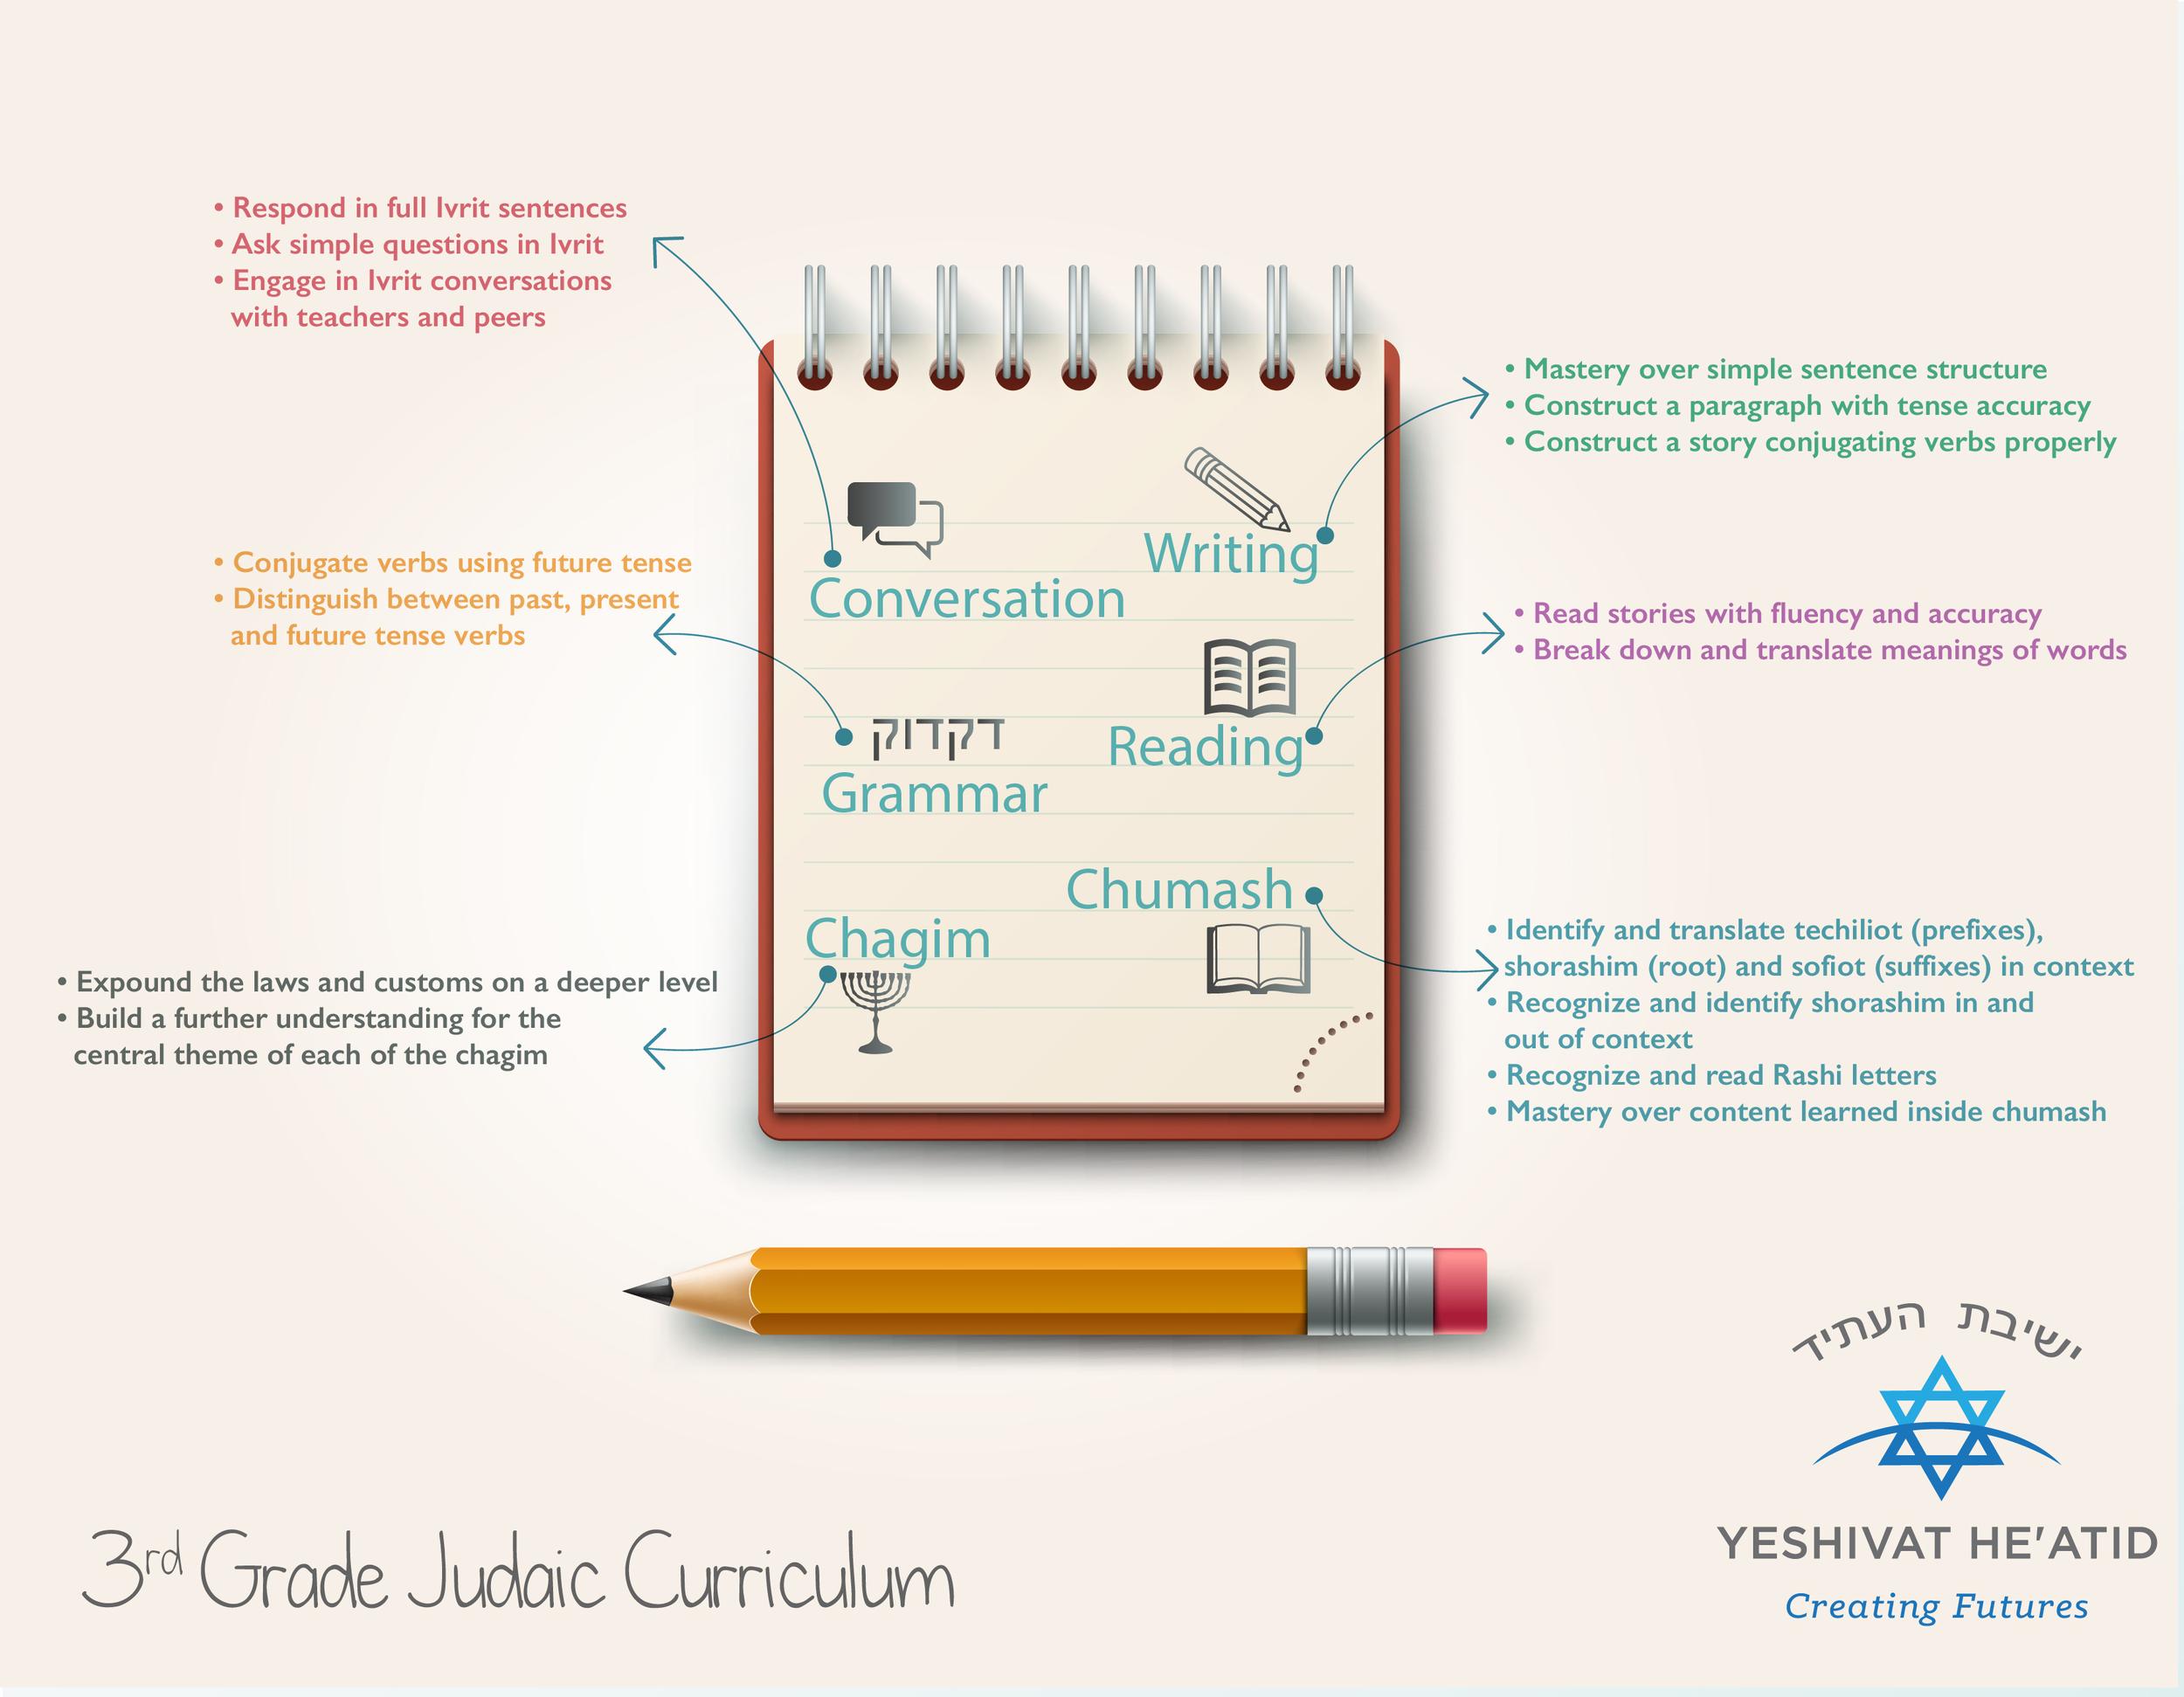 8- 3rd Grade Judaic Curriculum.jpg